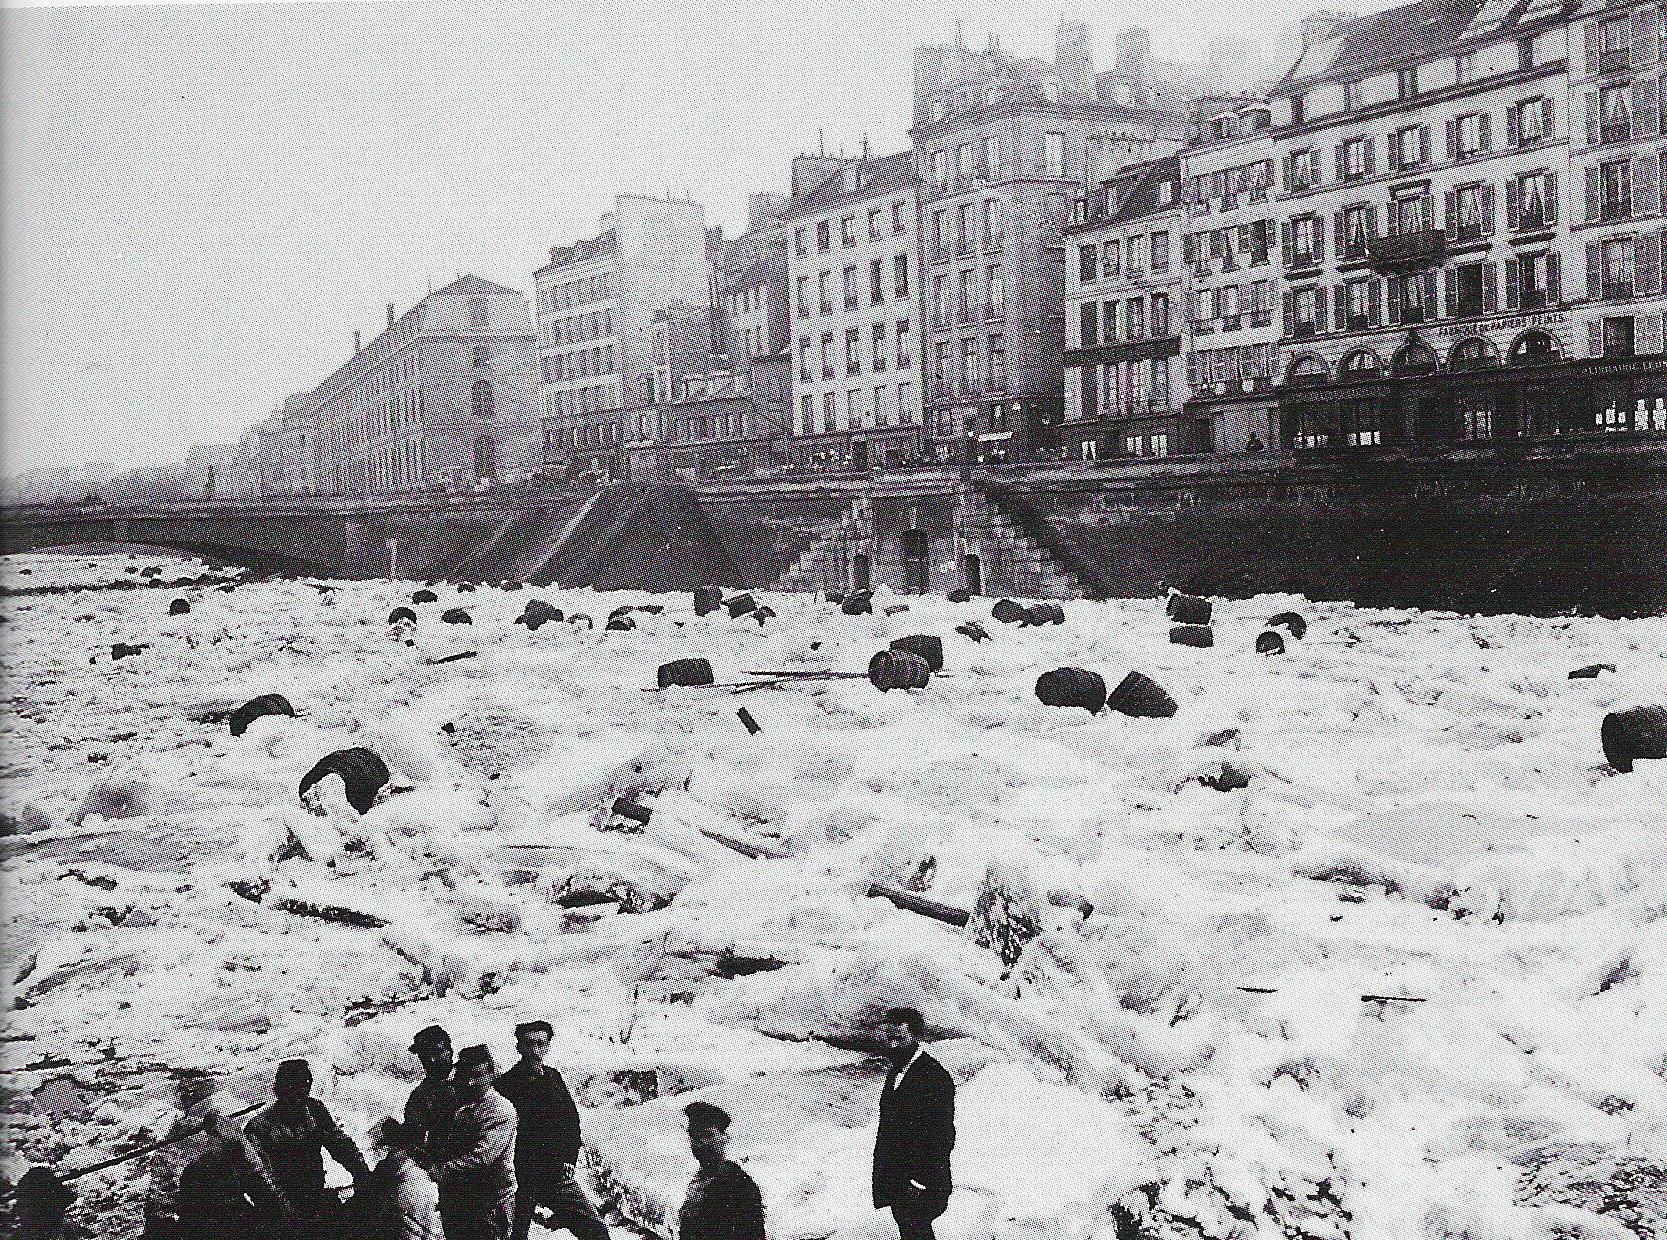 Image d'illustration pour La vague de froid historique de décembre 1879